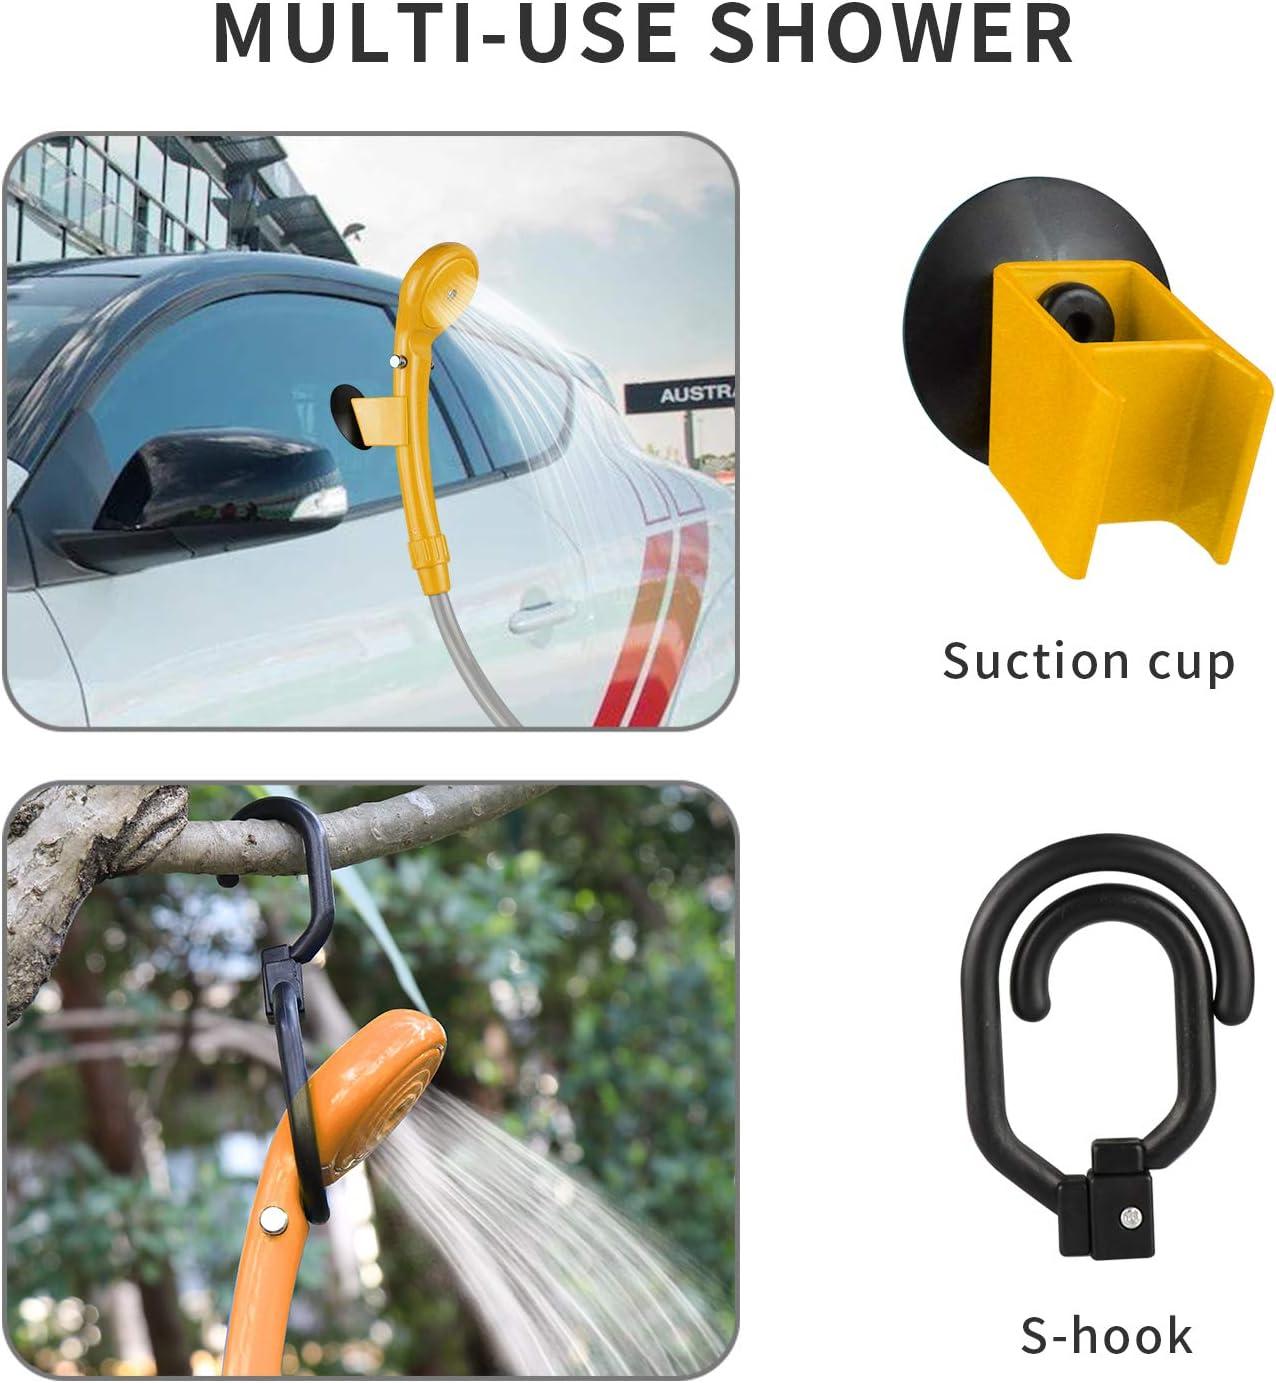 la voiture ou laver le chien LIEBMAYA 12 V Pommeau de douche pistolet pulv/érisateur portable voiture jardin chien id/éal pour le camping